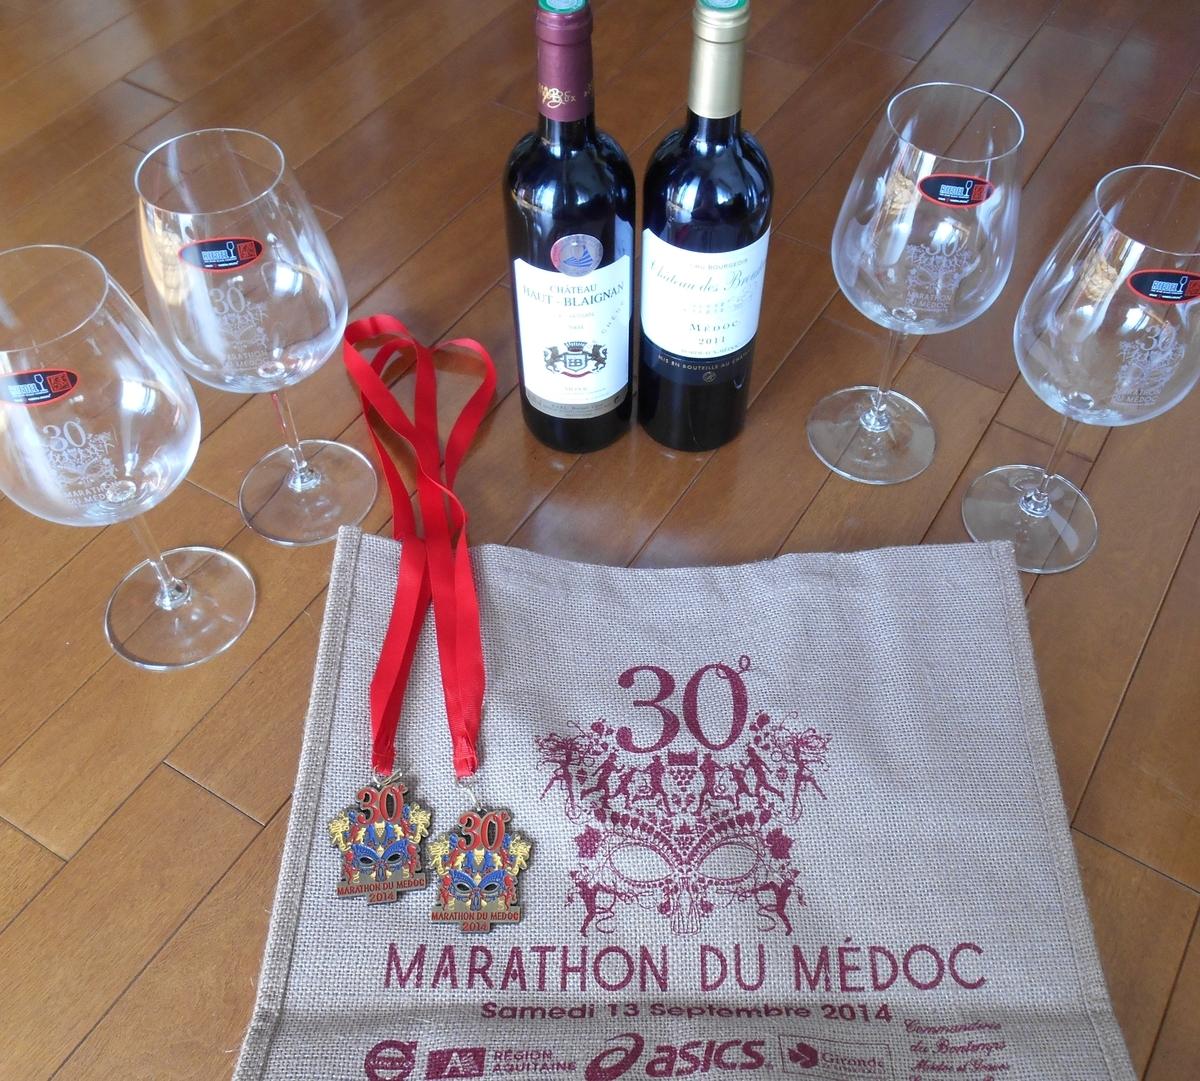 ワイン、メダル、30回記念の刻印付きリーデルのボルドーグラス、バッグ